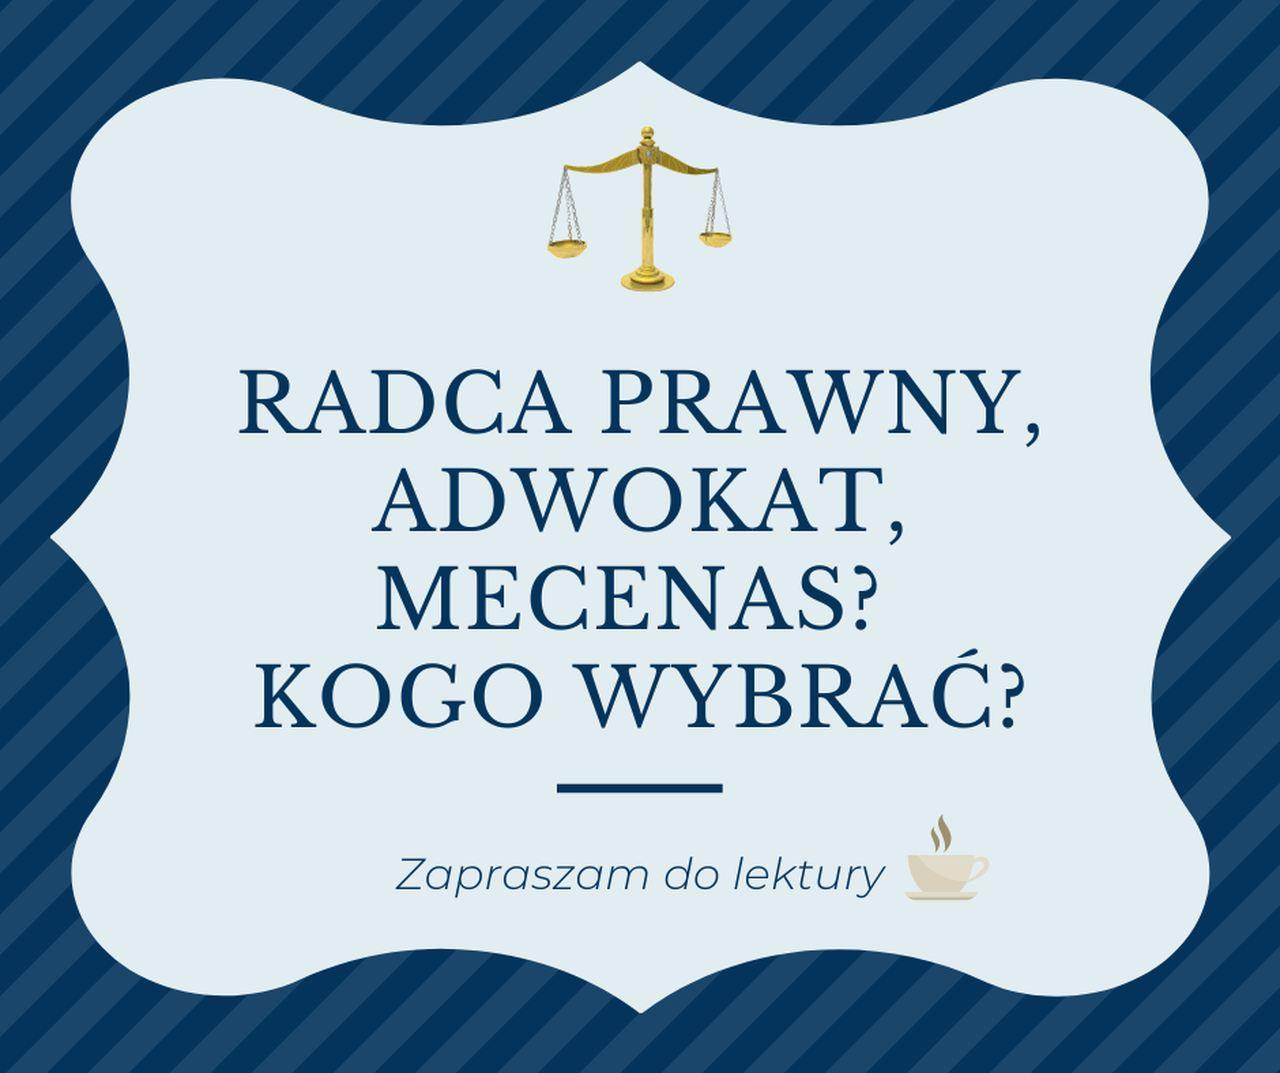 radca prawny, adwokat, mecenas